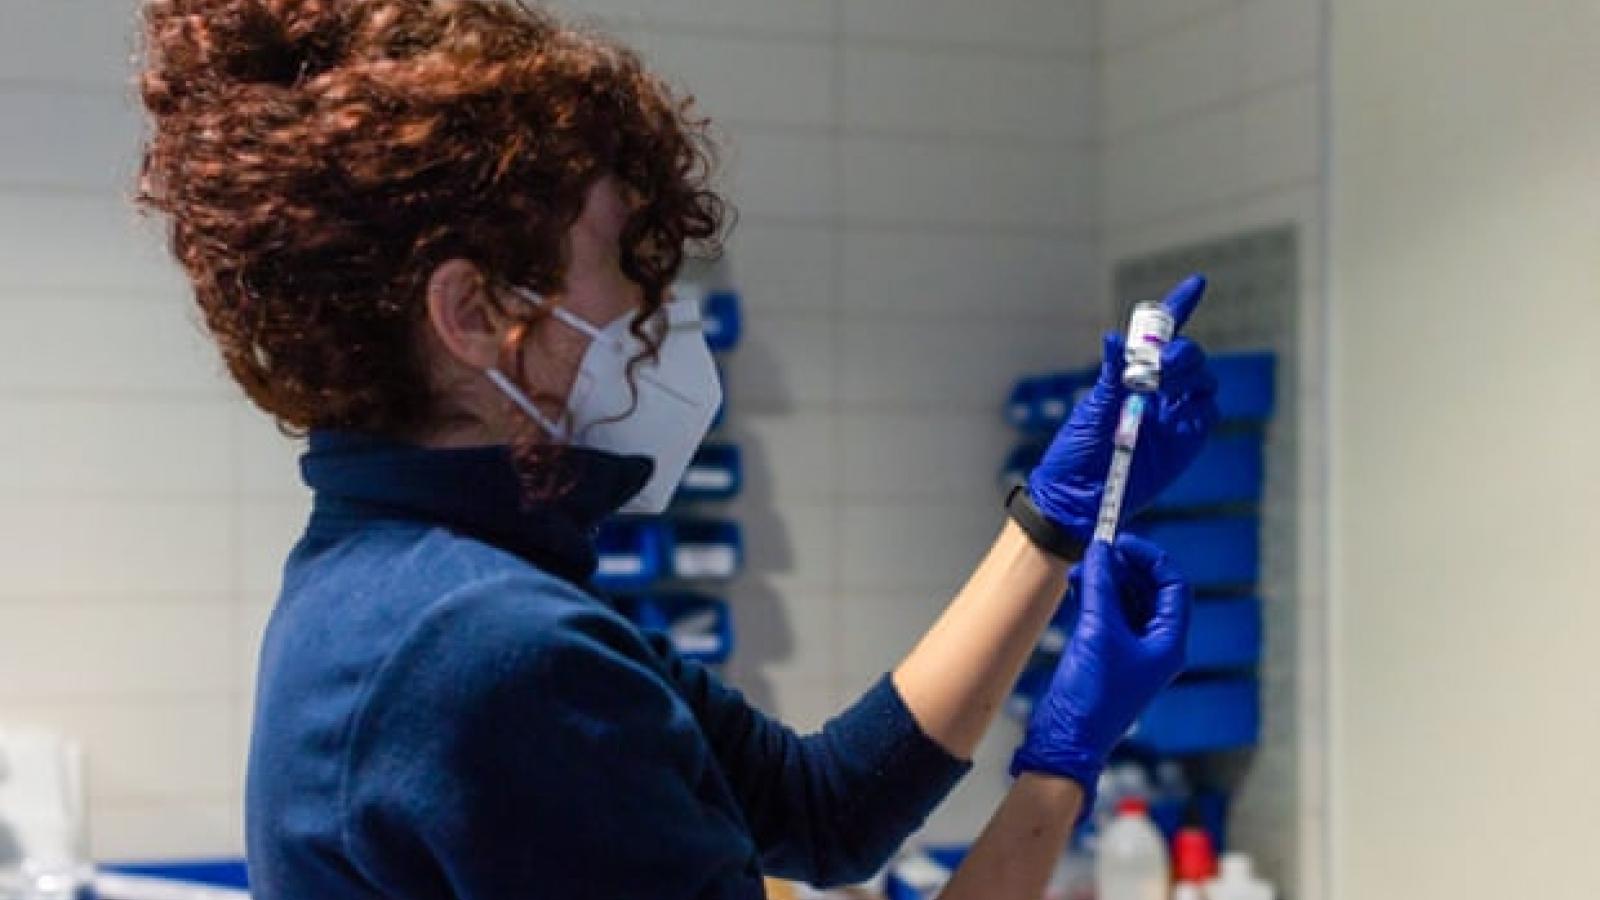 Lý do nhiều nước châu Âu dừng tiêm chủng vaccine ngừa Covid-19 của AstraZeneca